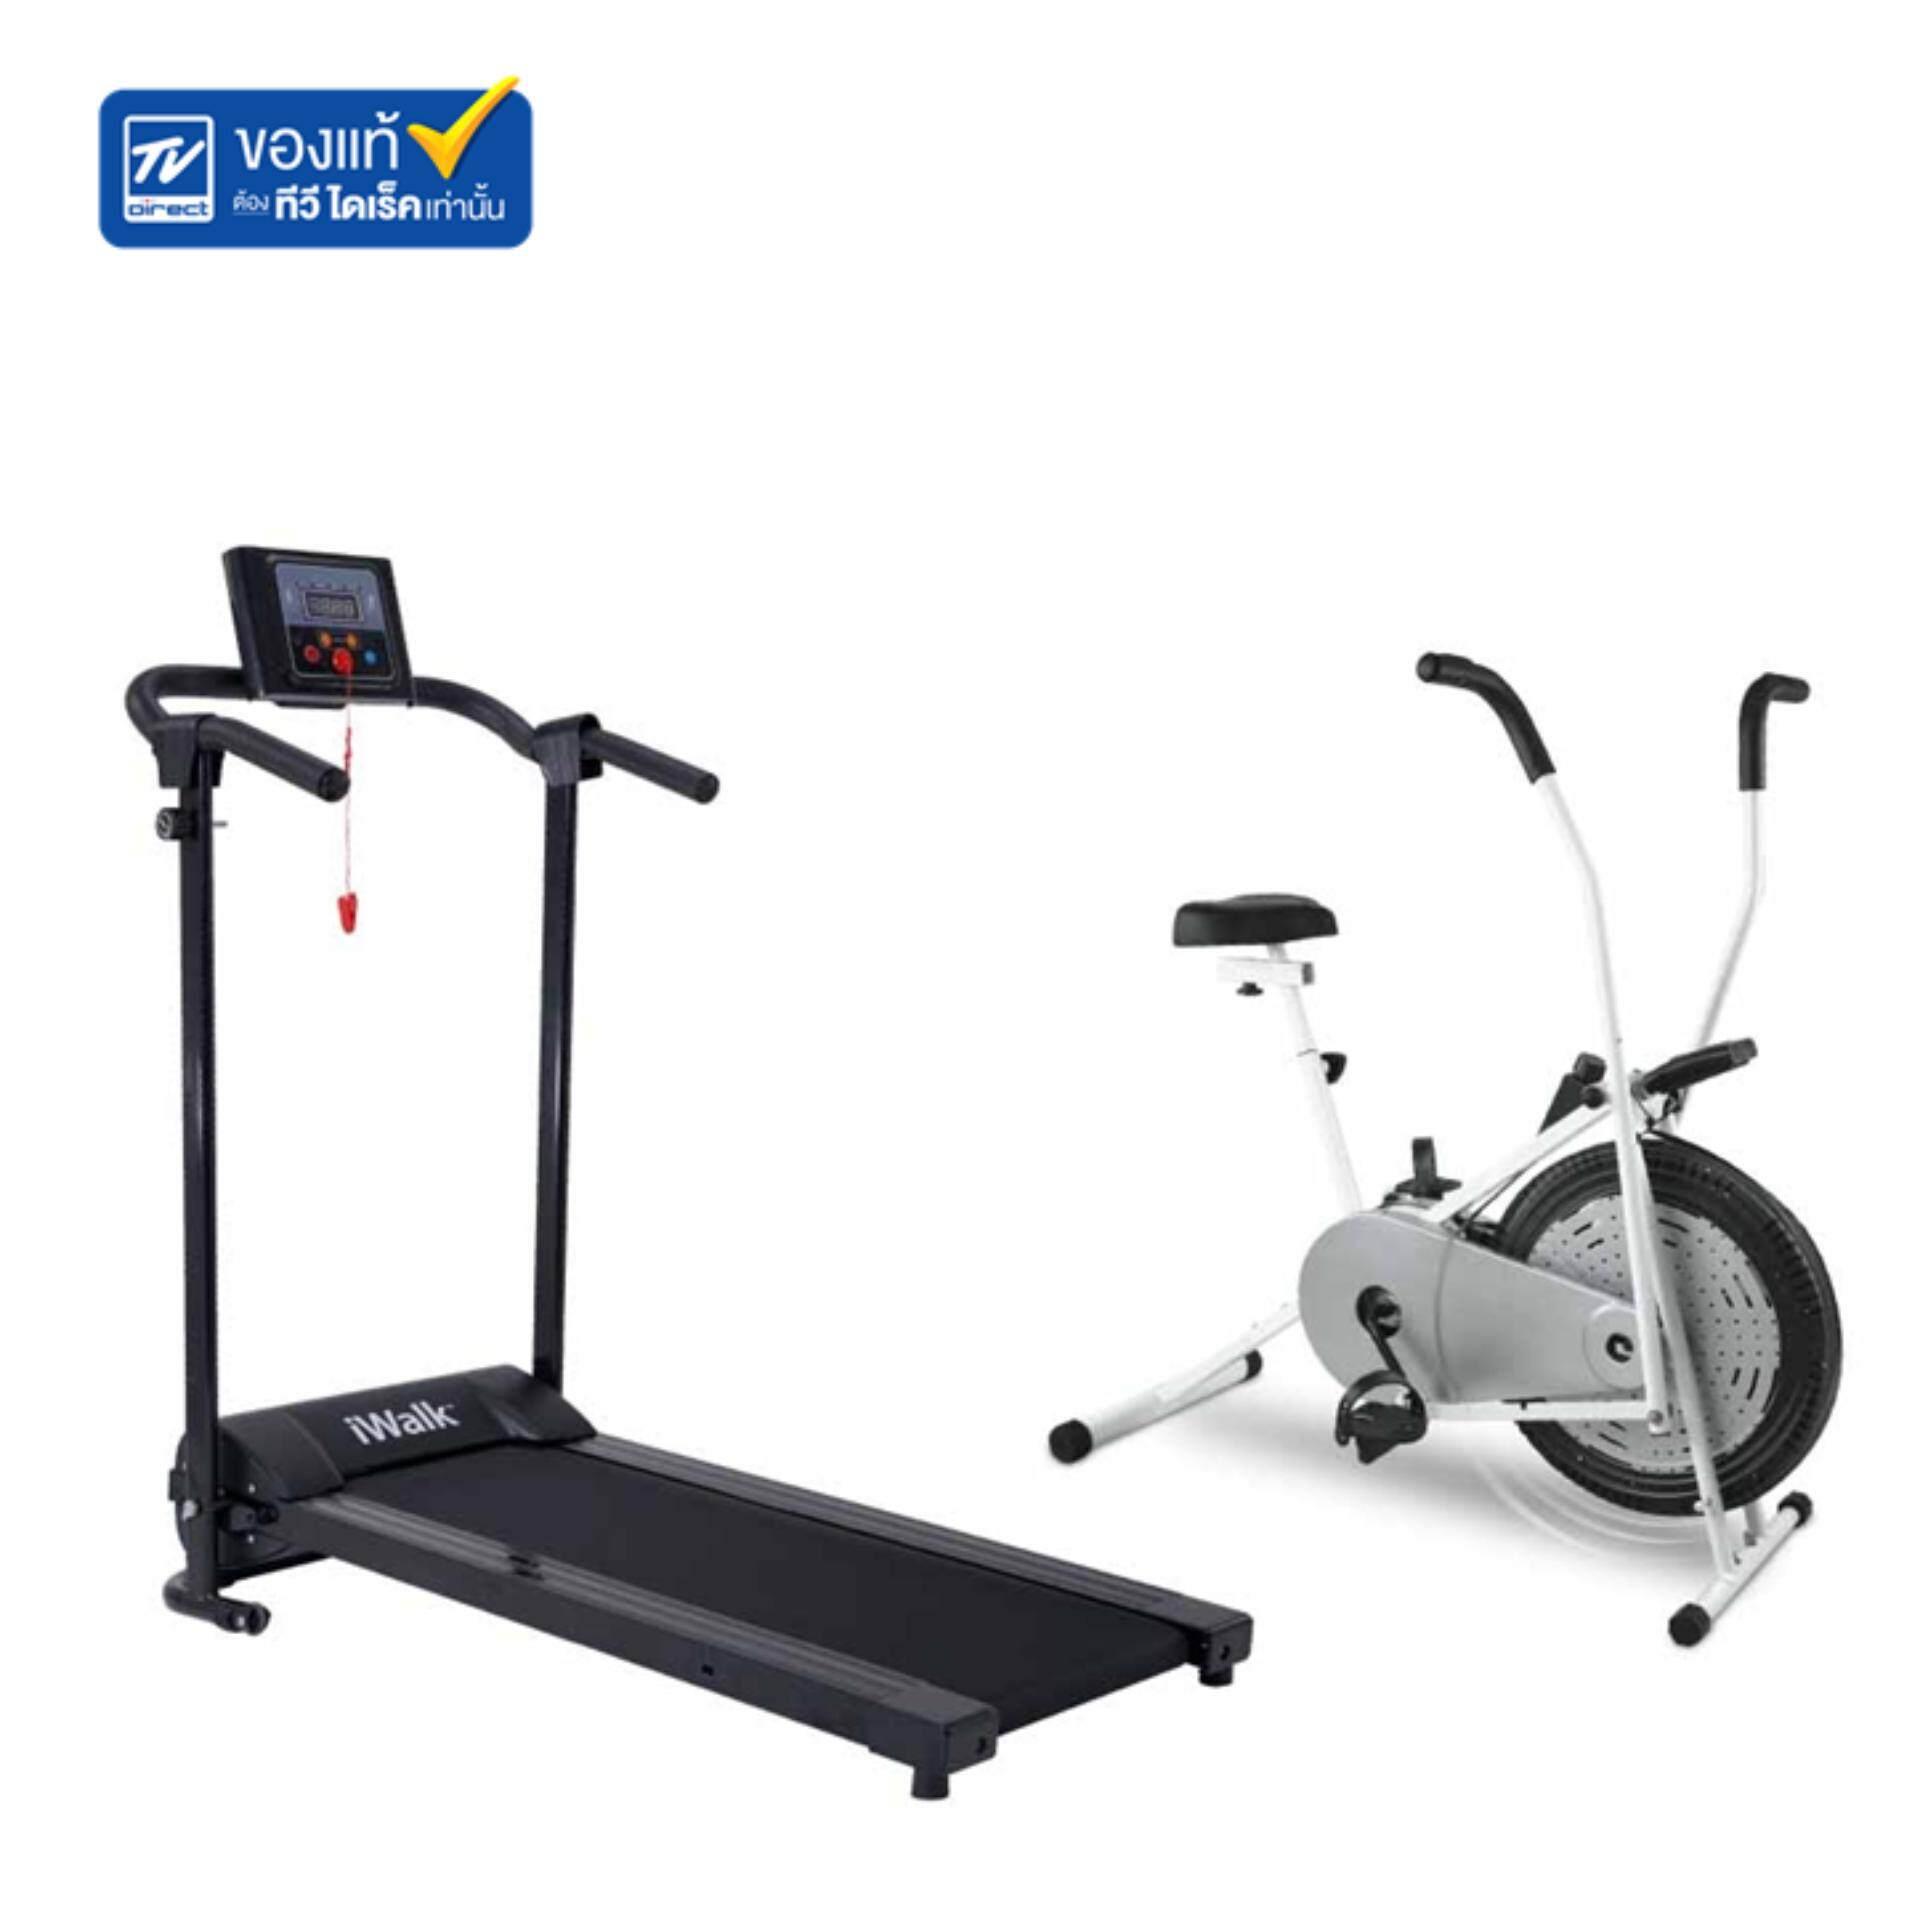 สุดยอดสินค้า!! TVDirect  I Walk Treadmill  E318Z Black e ลู่บริหาร สีดำ + Air Bike Plus จักรยานปั่นแบบลมมีเพ้าส์